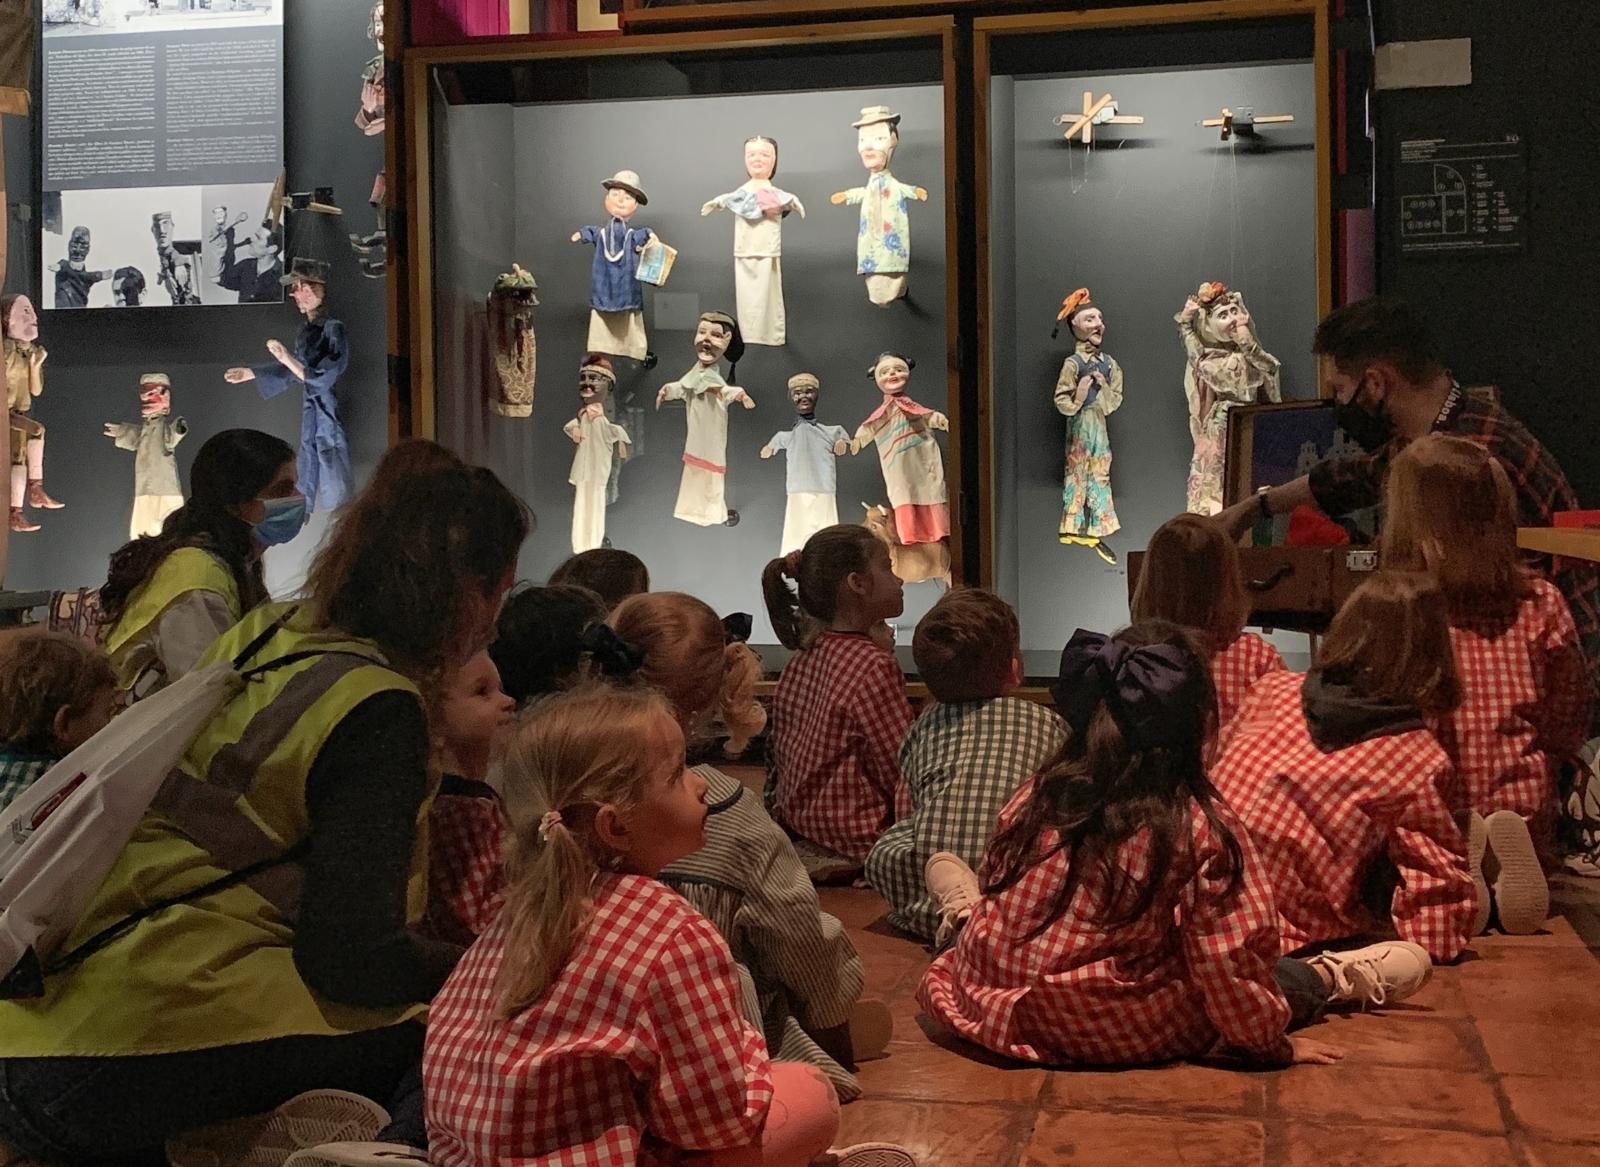 Grupo de meninos a assistir a uma atividade no Museu da Marioneta